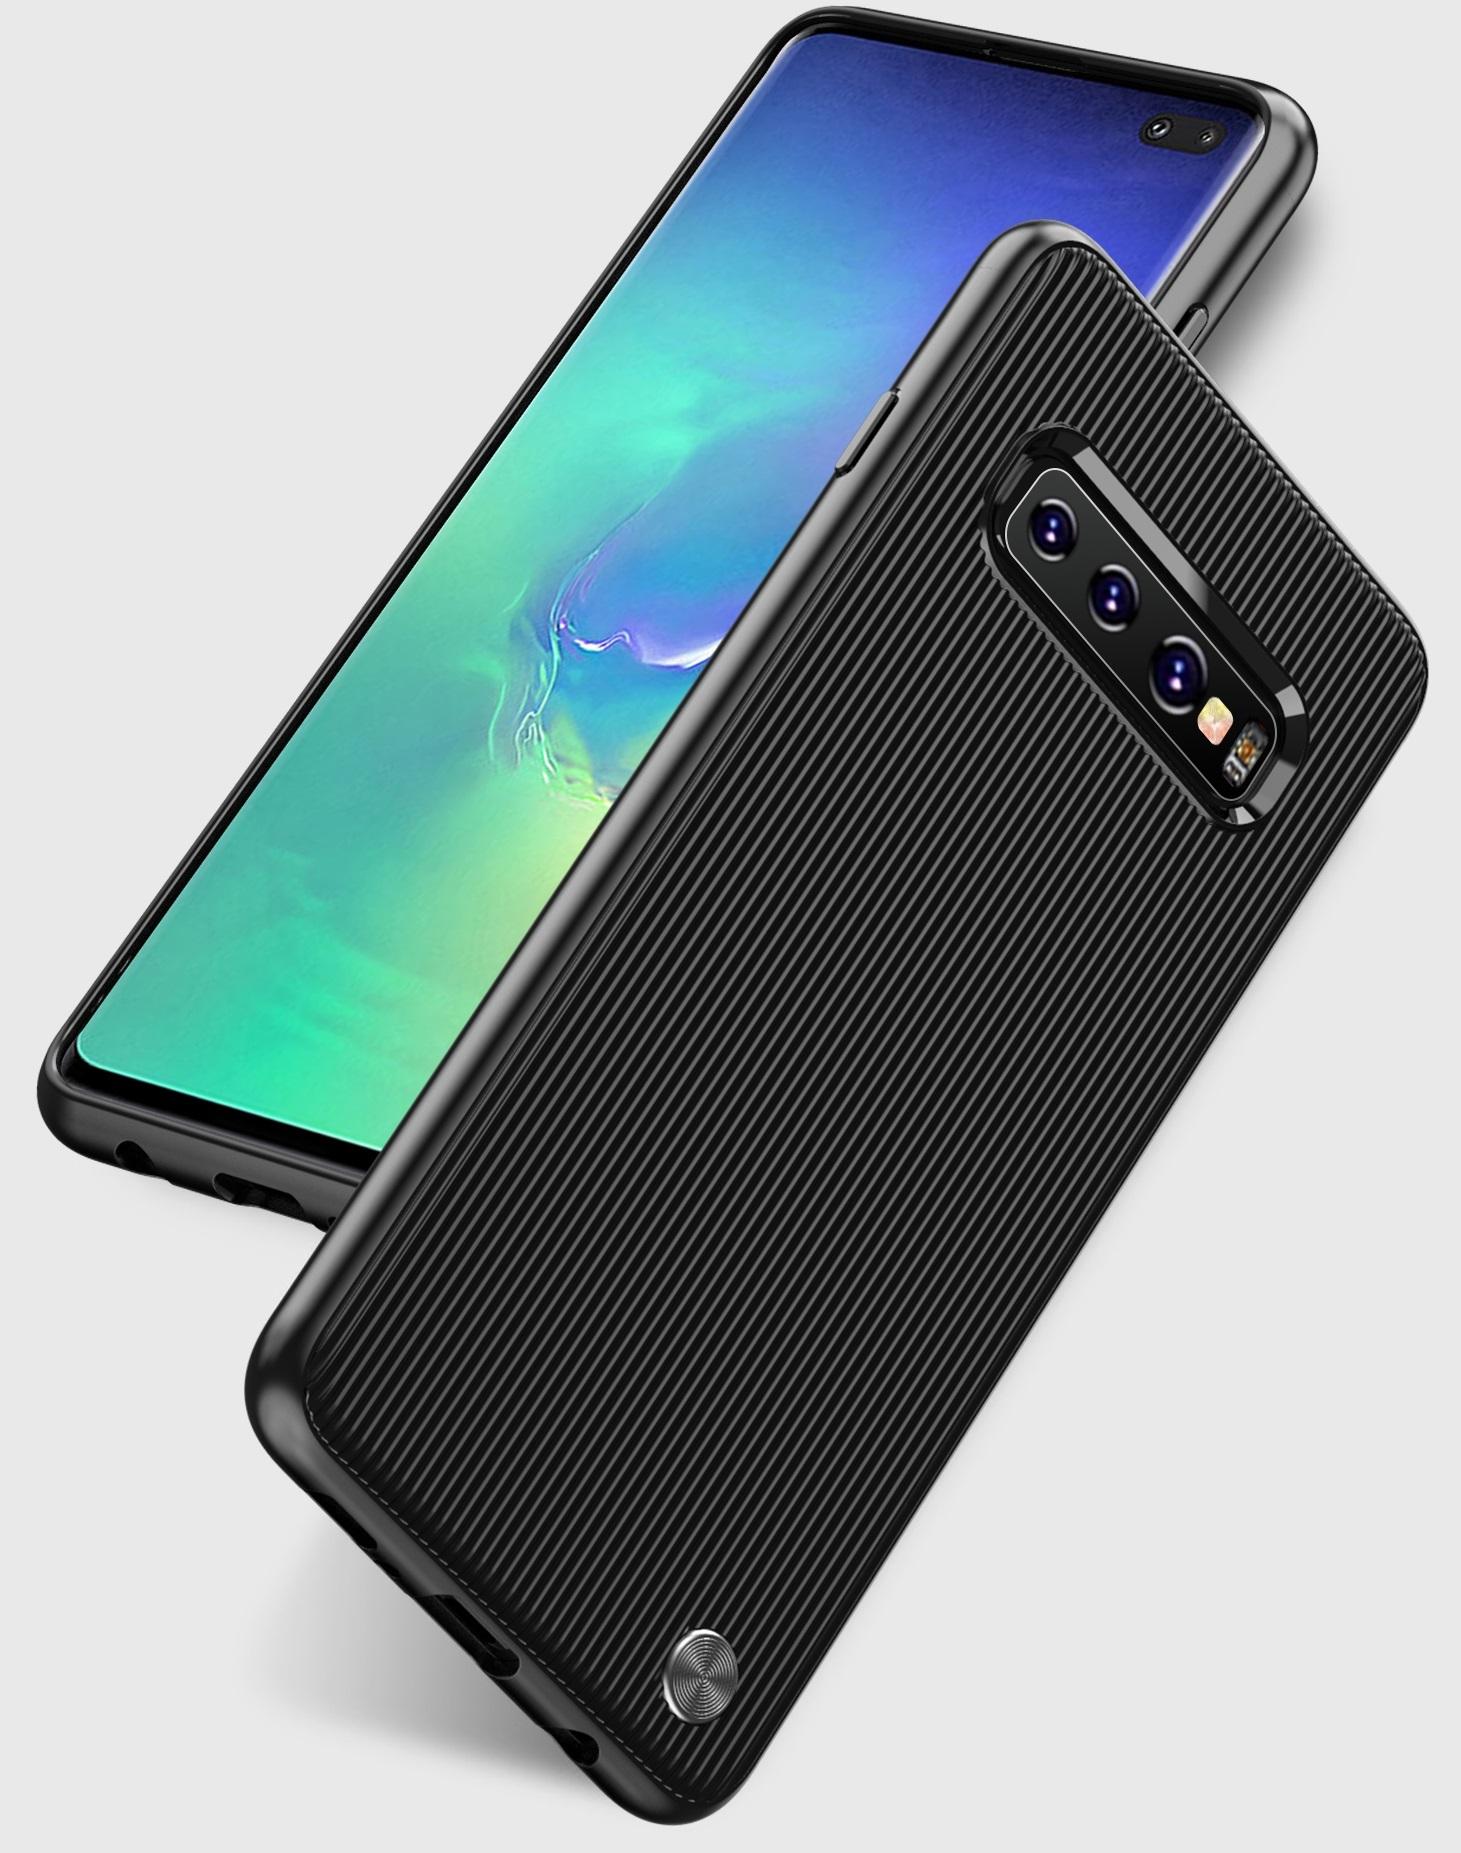 Чехол для Samsung Galaxy S10 Plus цвет Black (черный), серия Bevel от Caseport